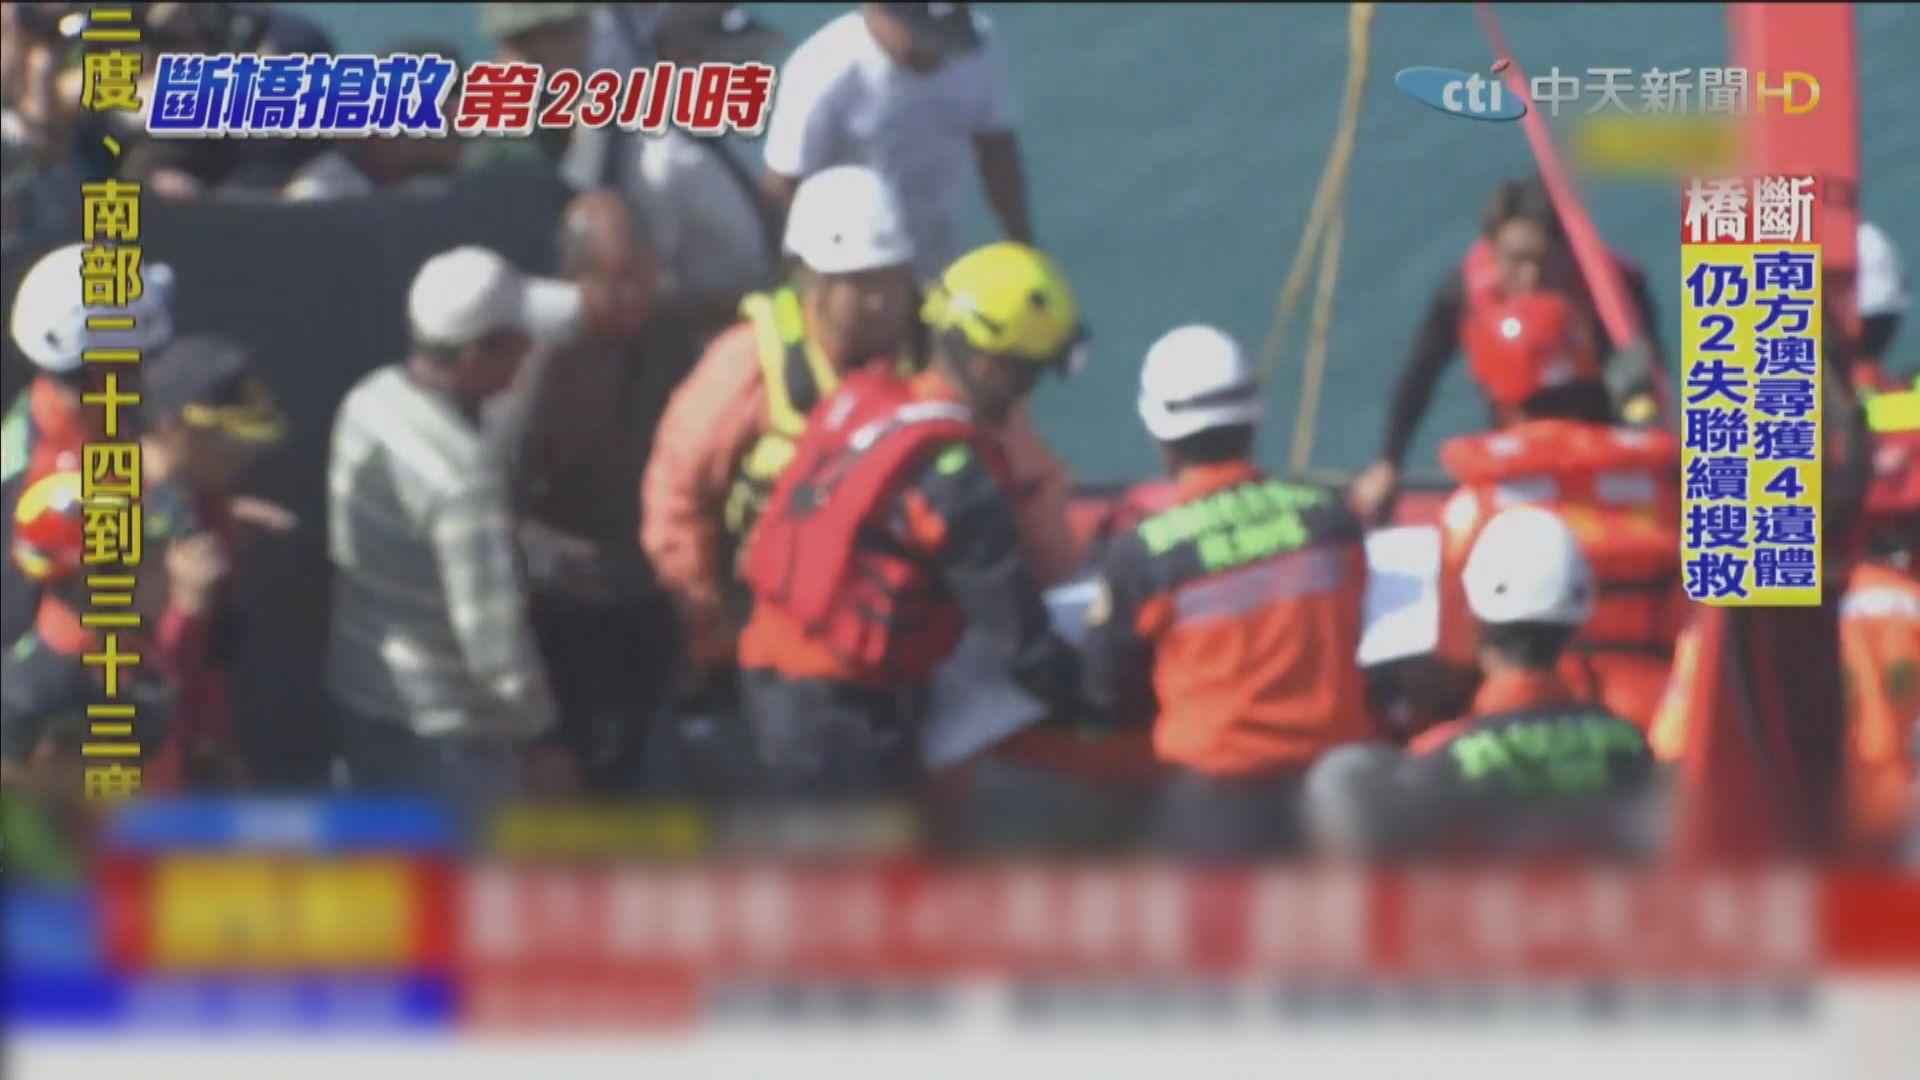 宜蘭跨港大橋倒塌 專家判斷鋼索斷裂造成